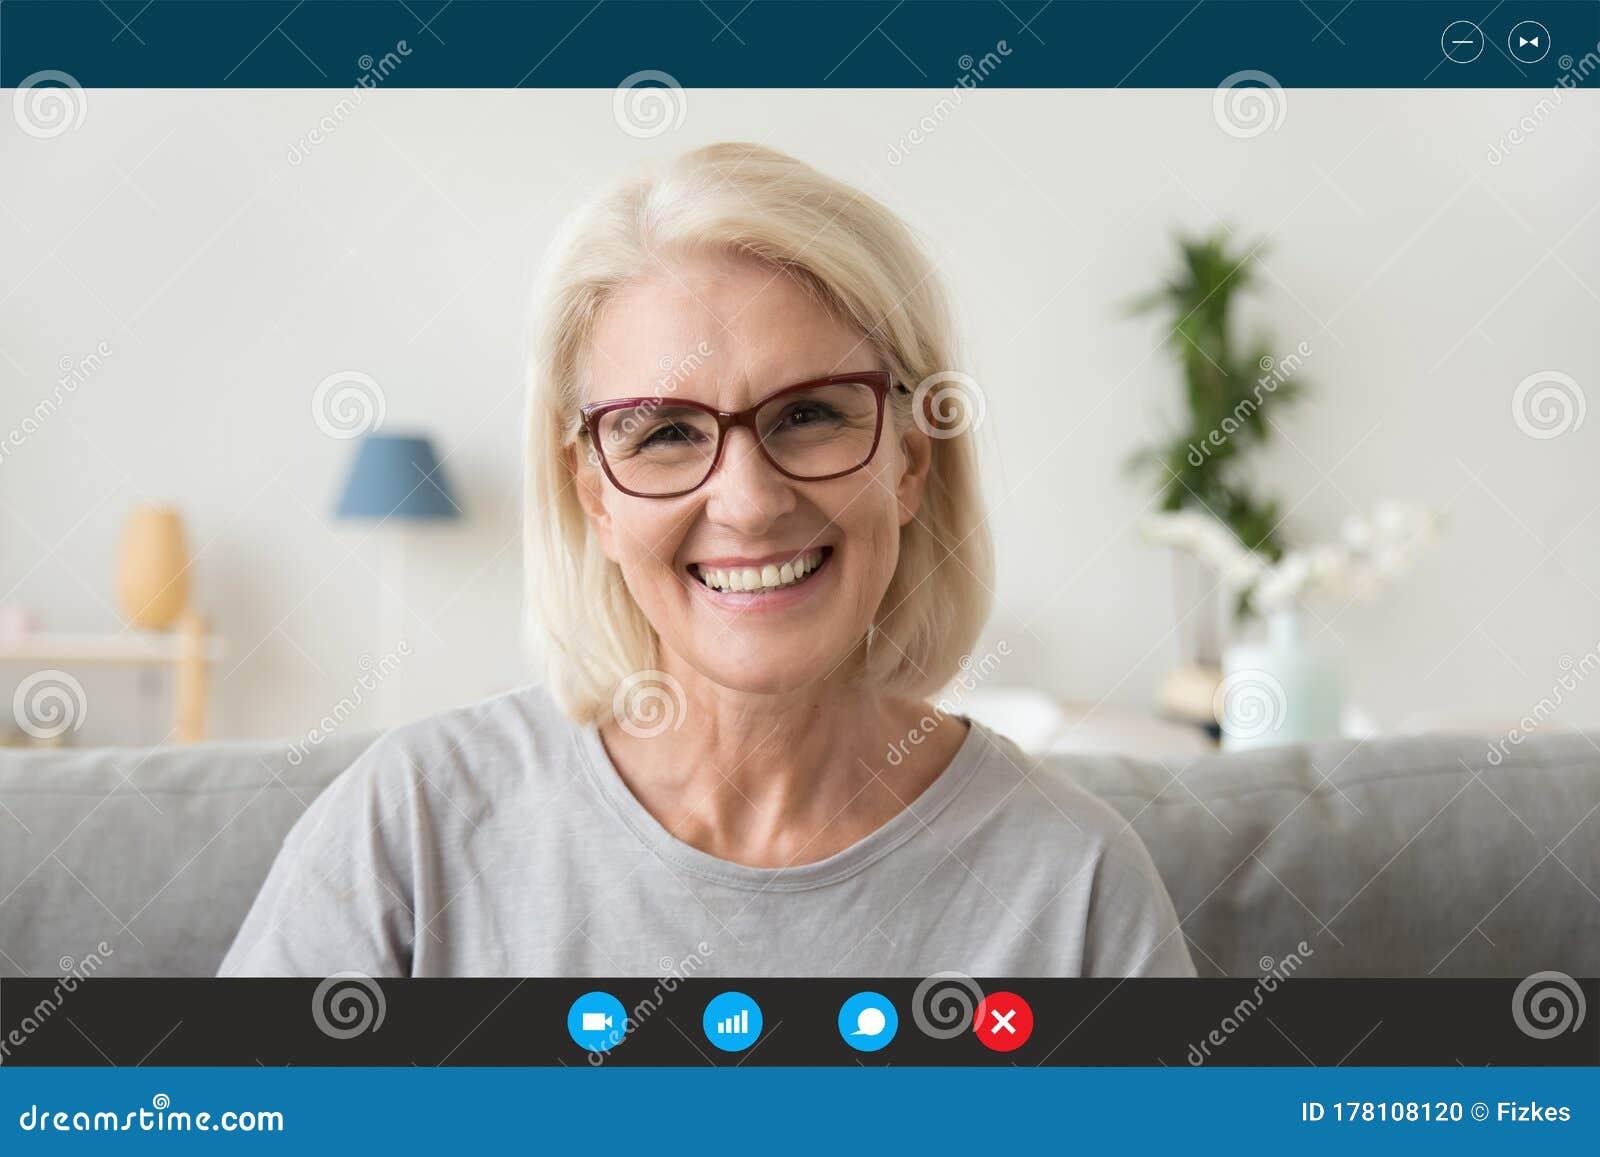 Mature Video Online